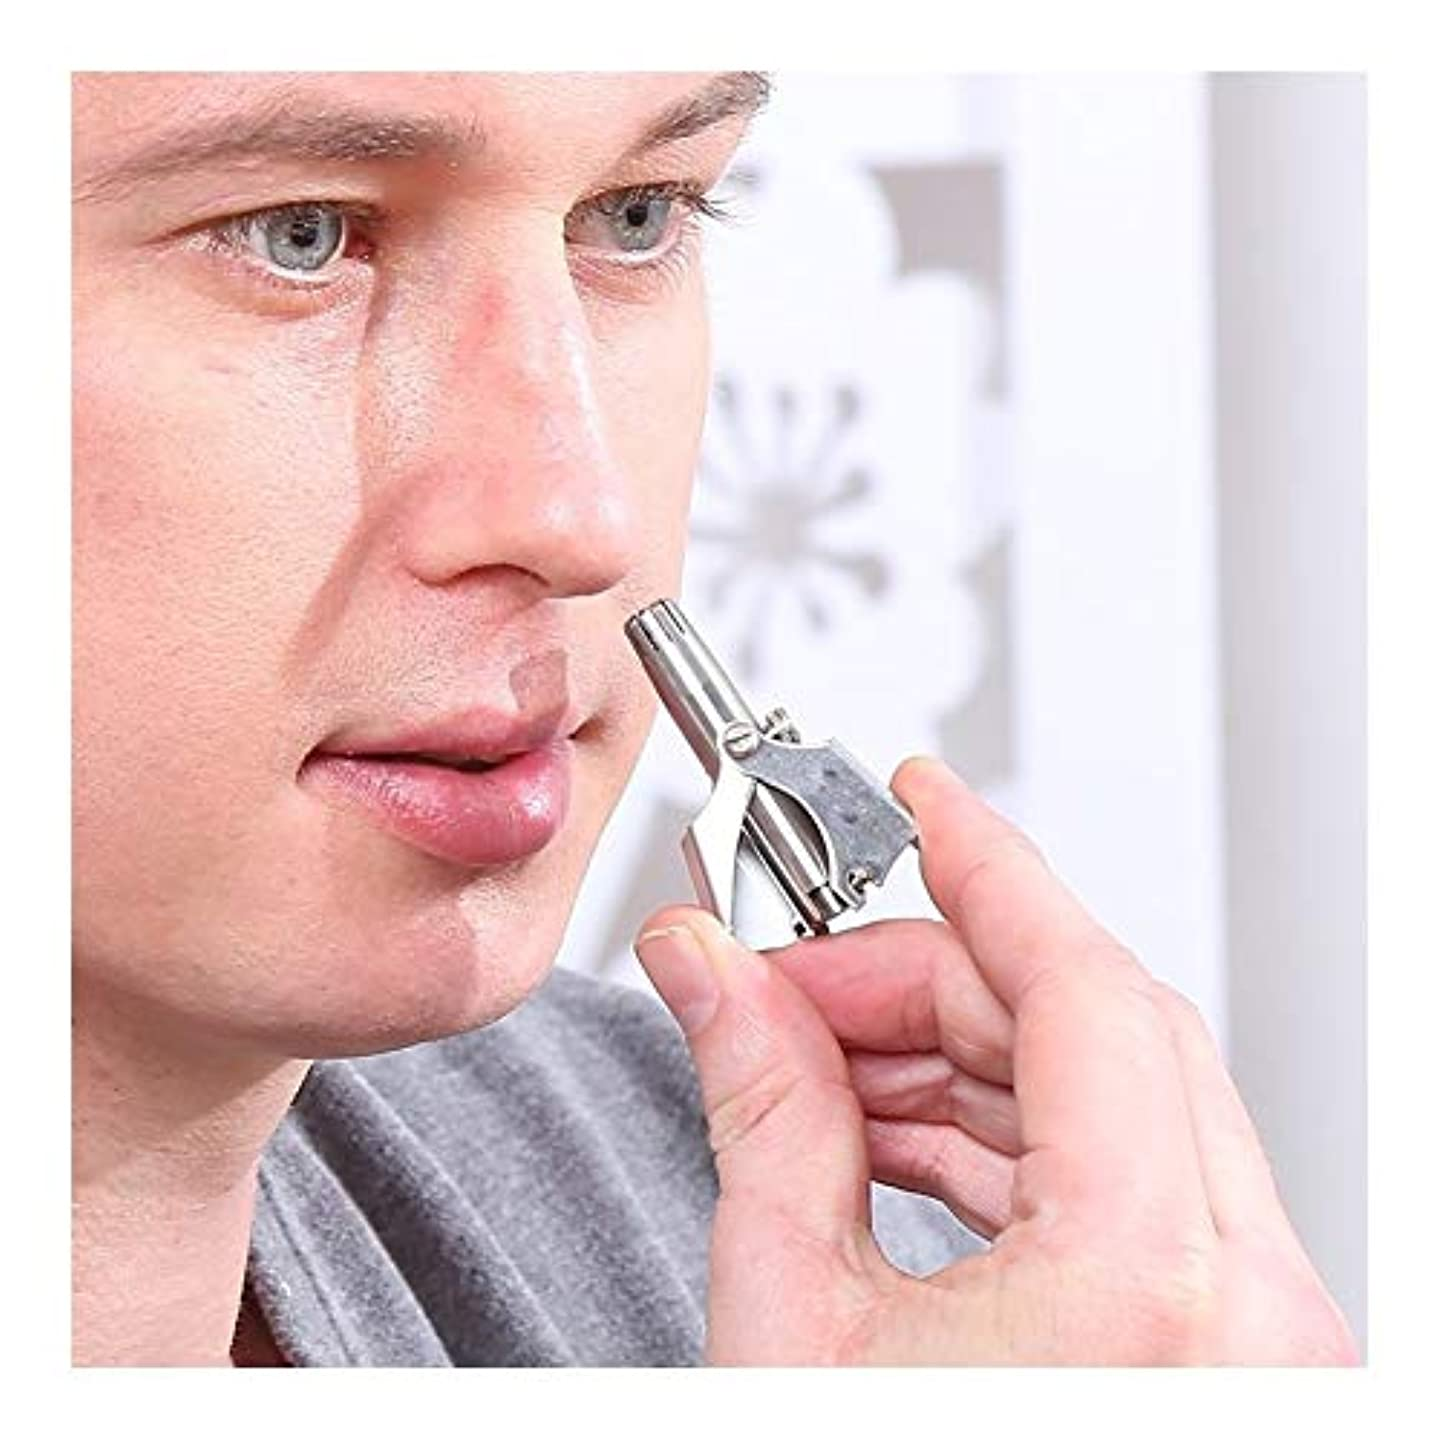 曲げる収束パトロール手動鼻耳毛トリマーステンレス鋼鼻毛リムーバー作品バッテリーなし男性女性